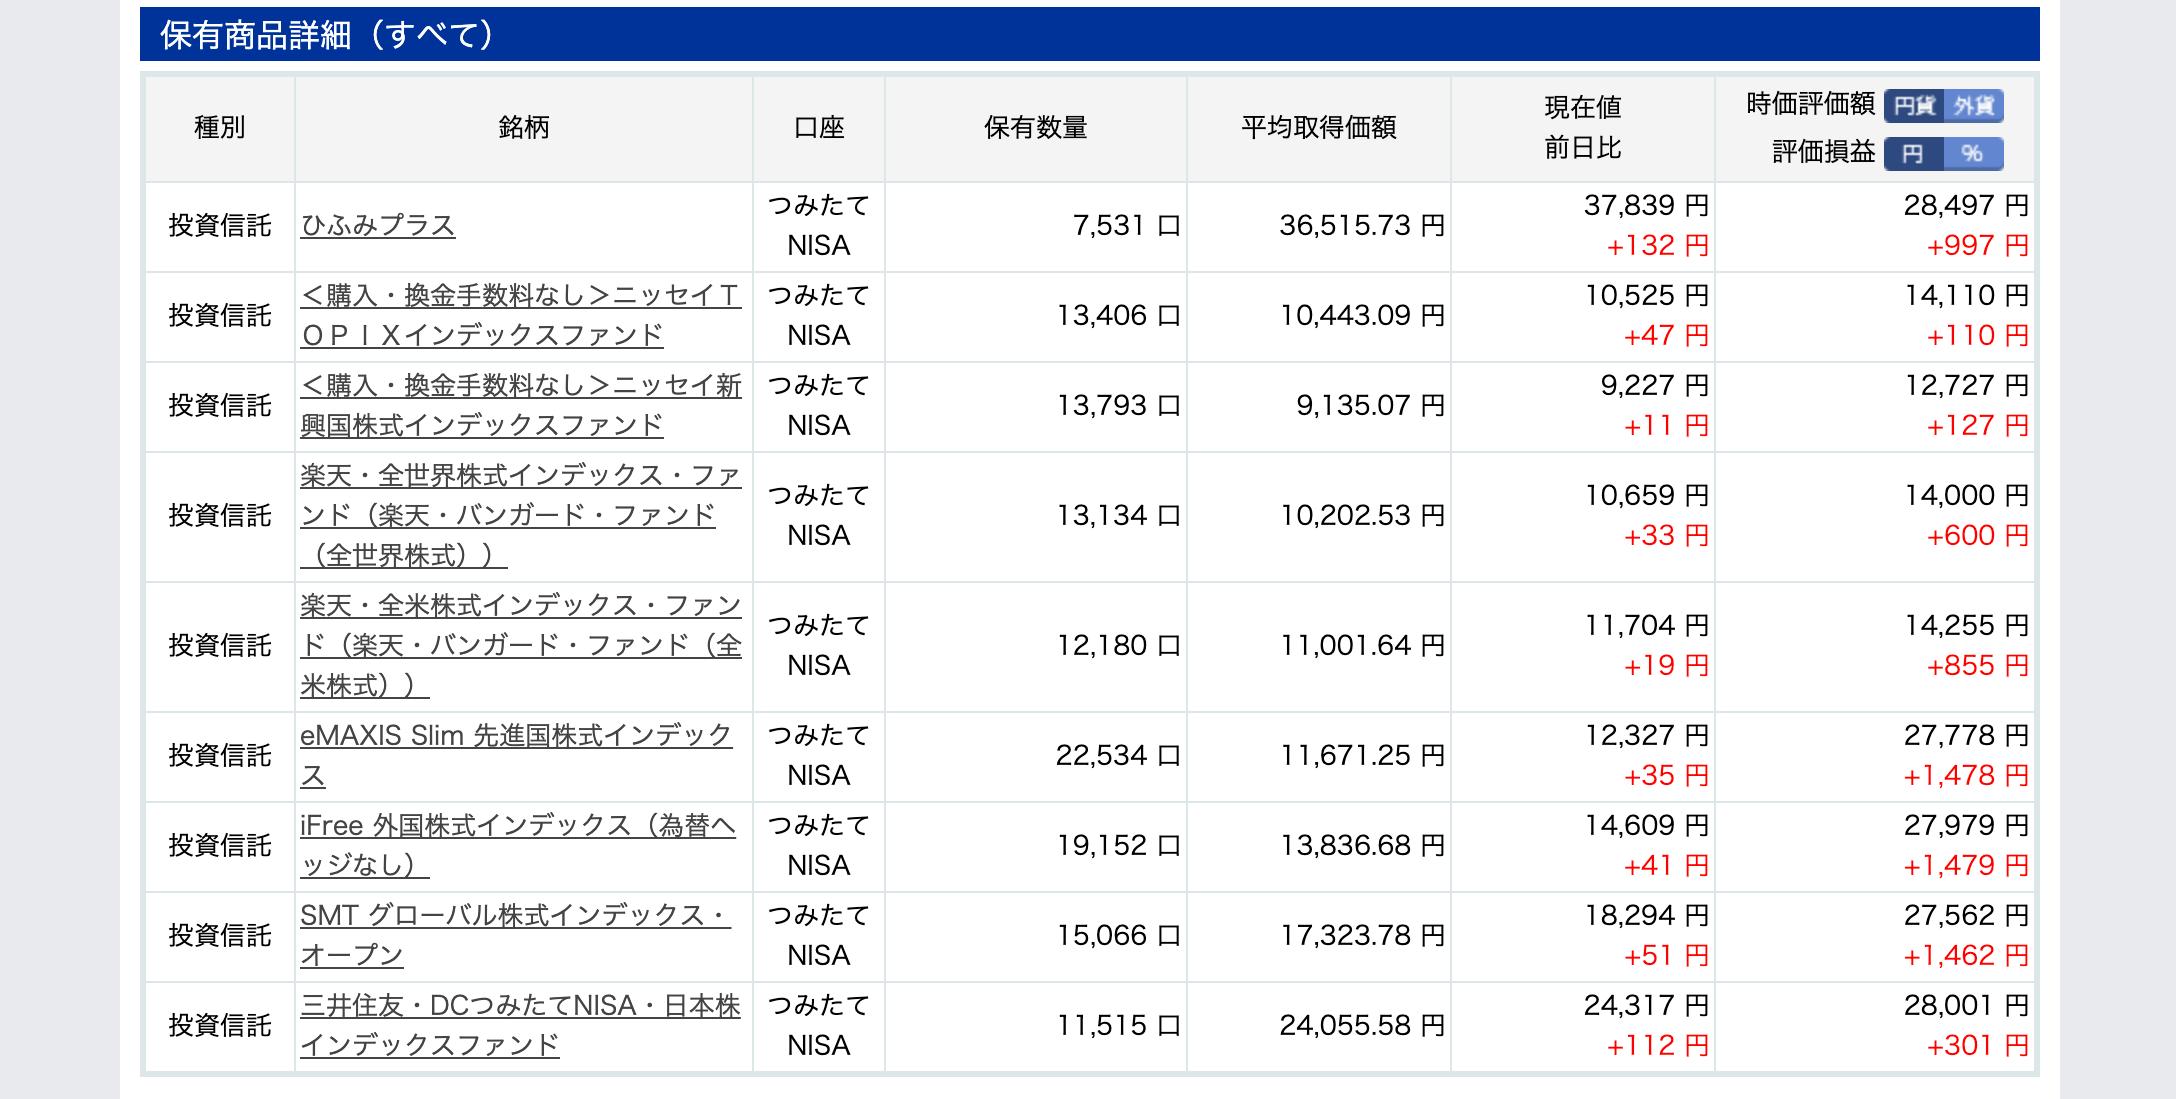 投資信託2019年7月末 楽天証券